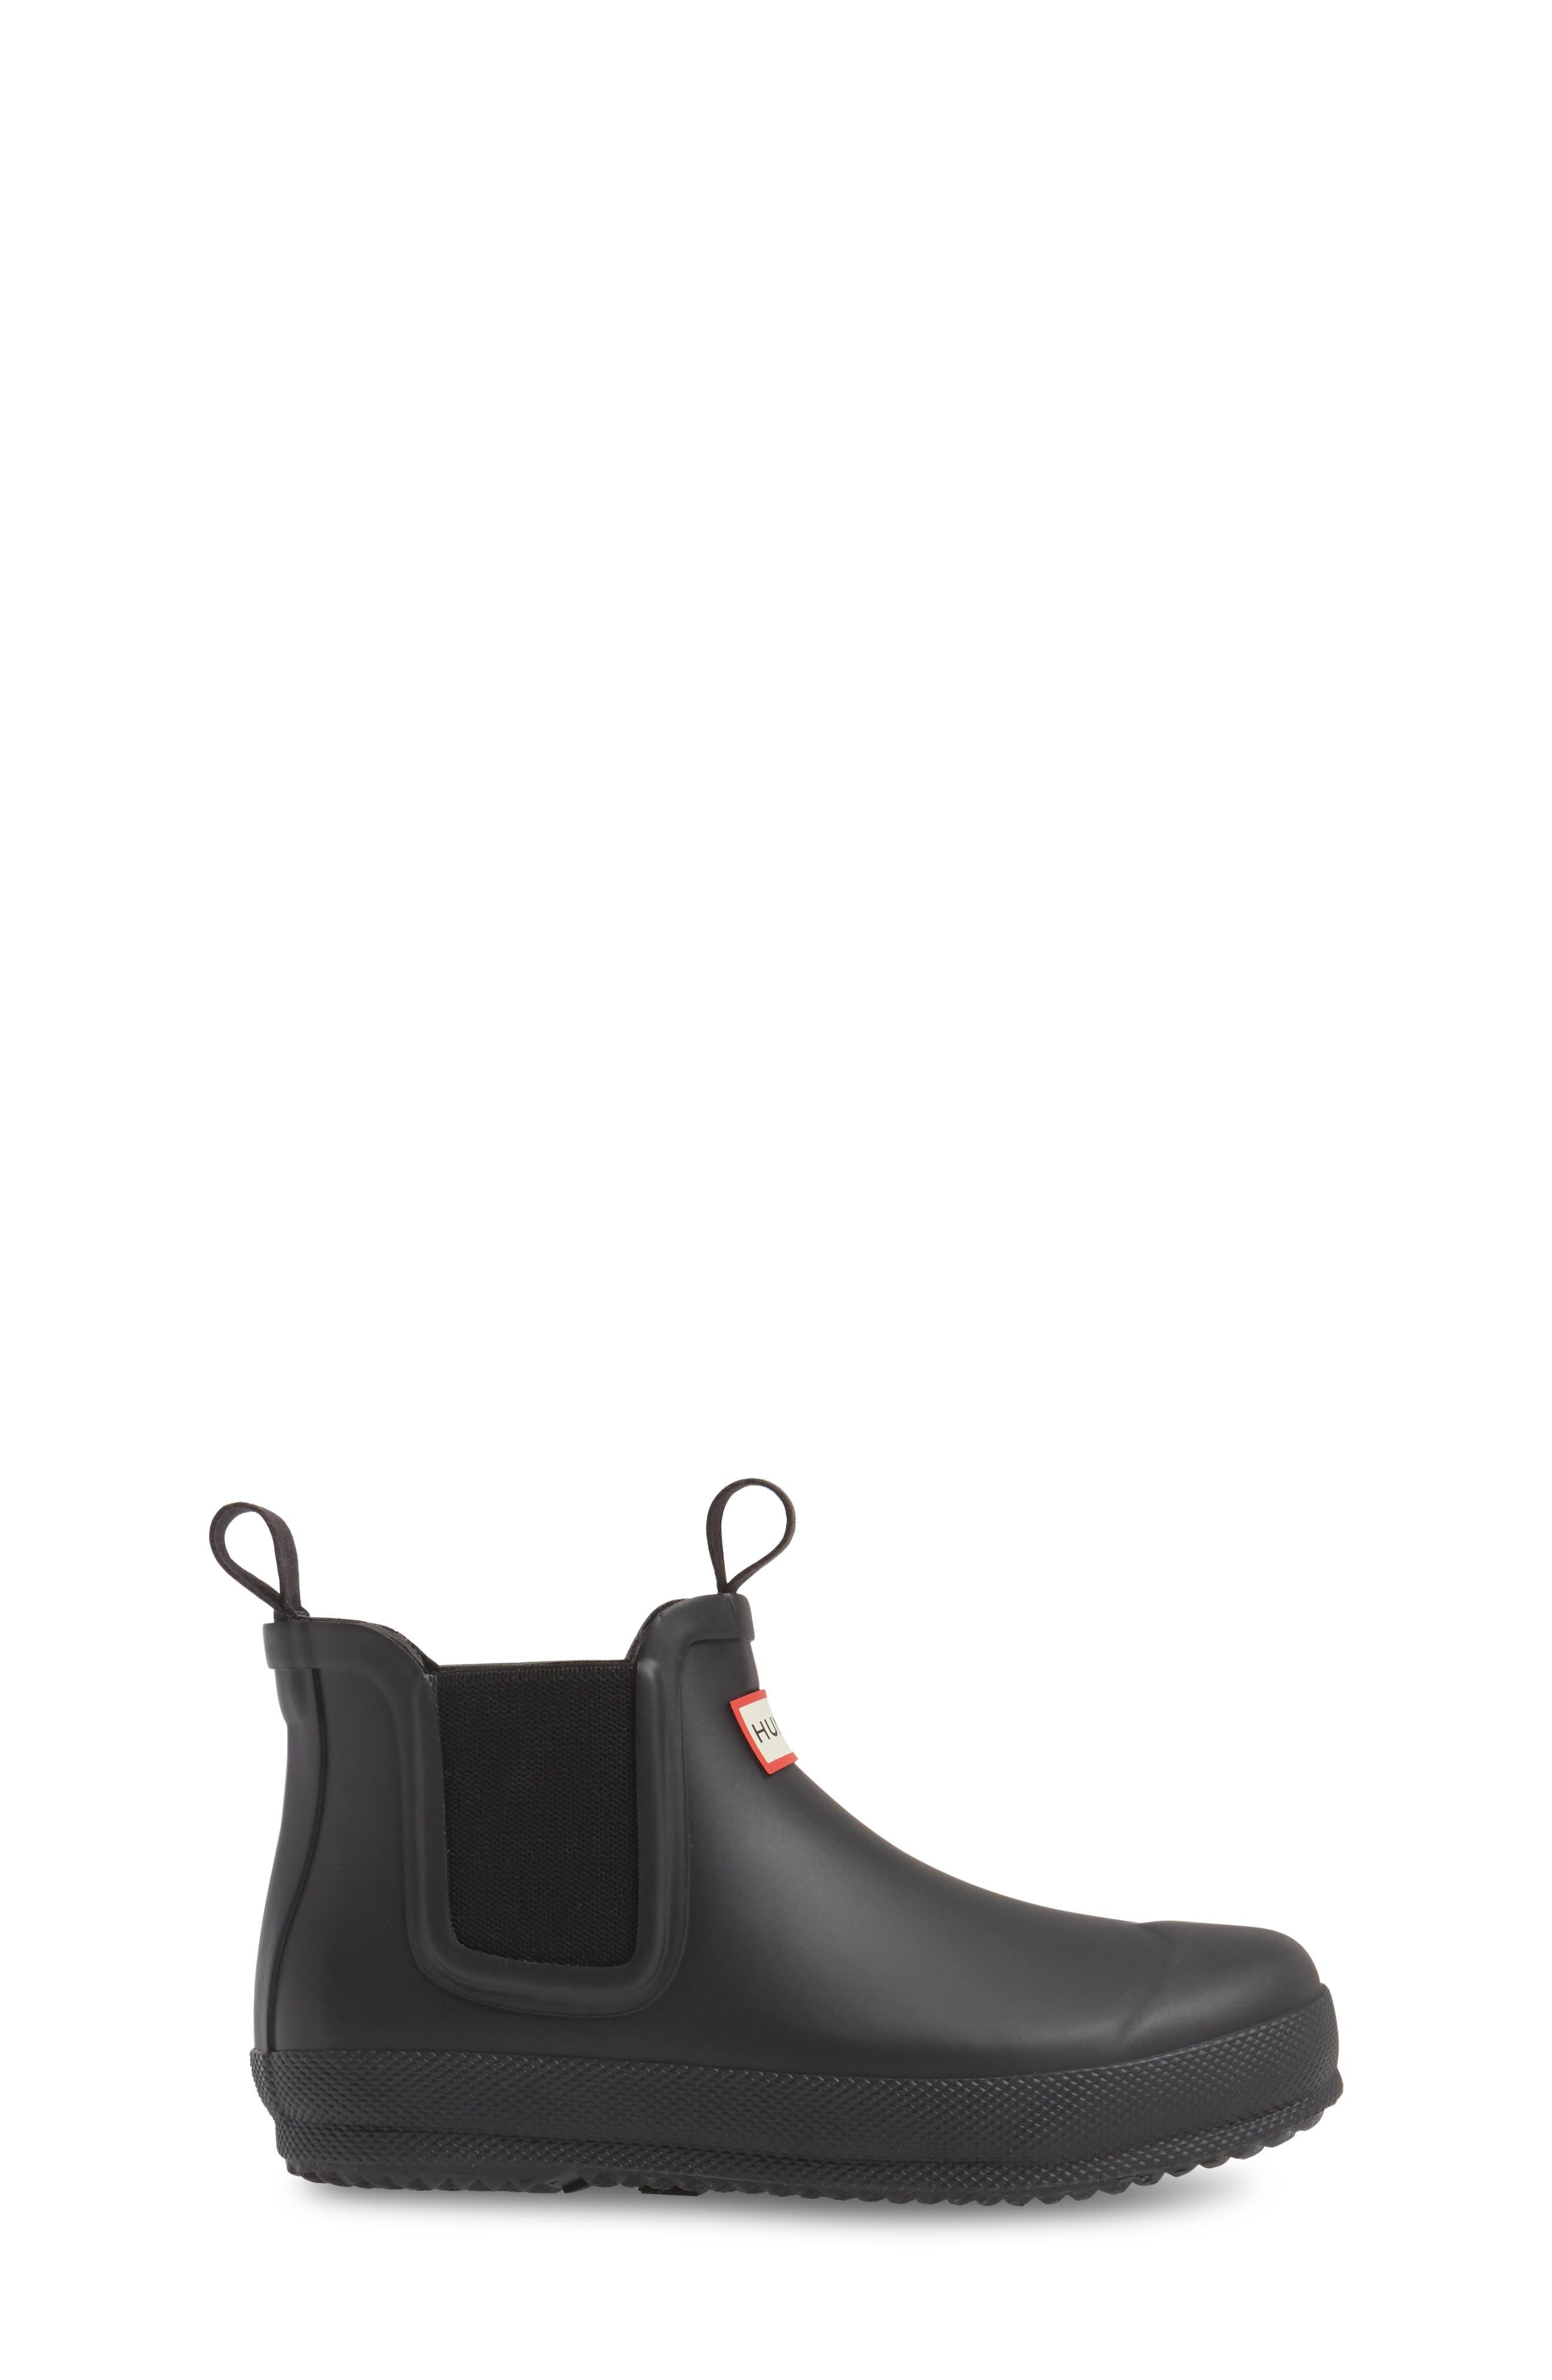 Original Waterproof Chelsea Boot,                             Alternate thumbnail 3, color,                             001